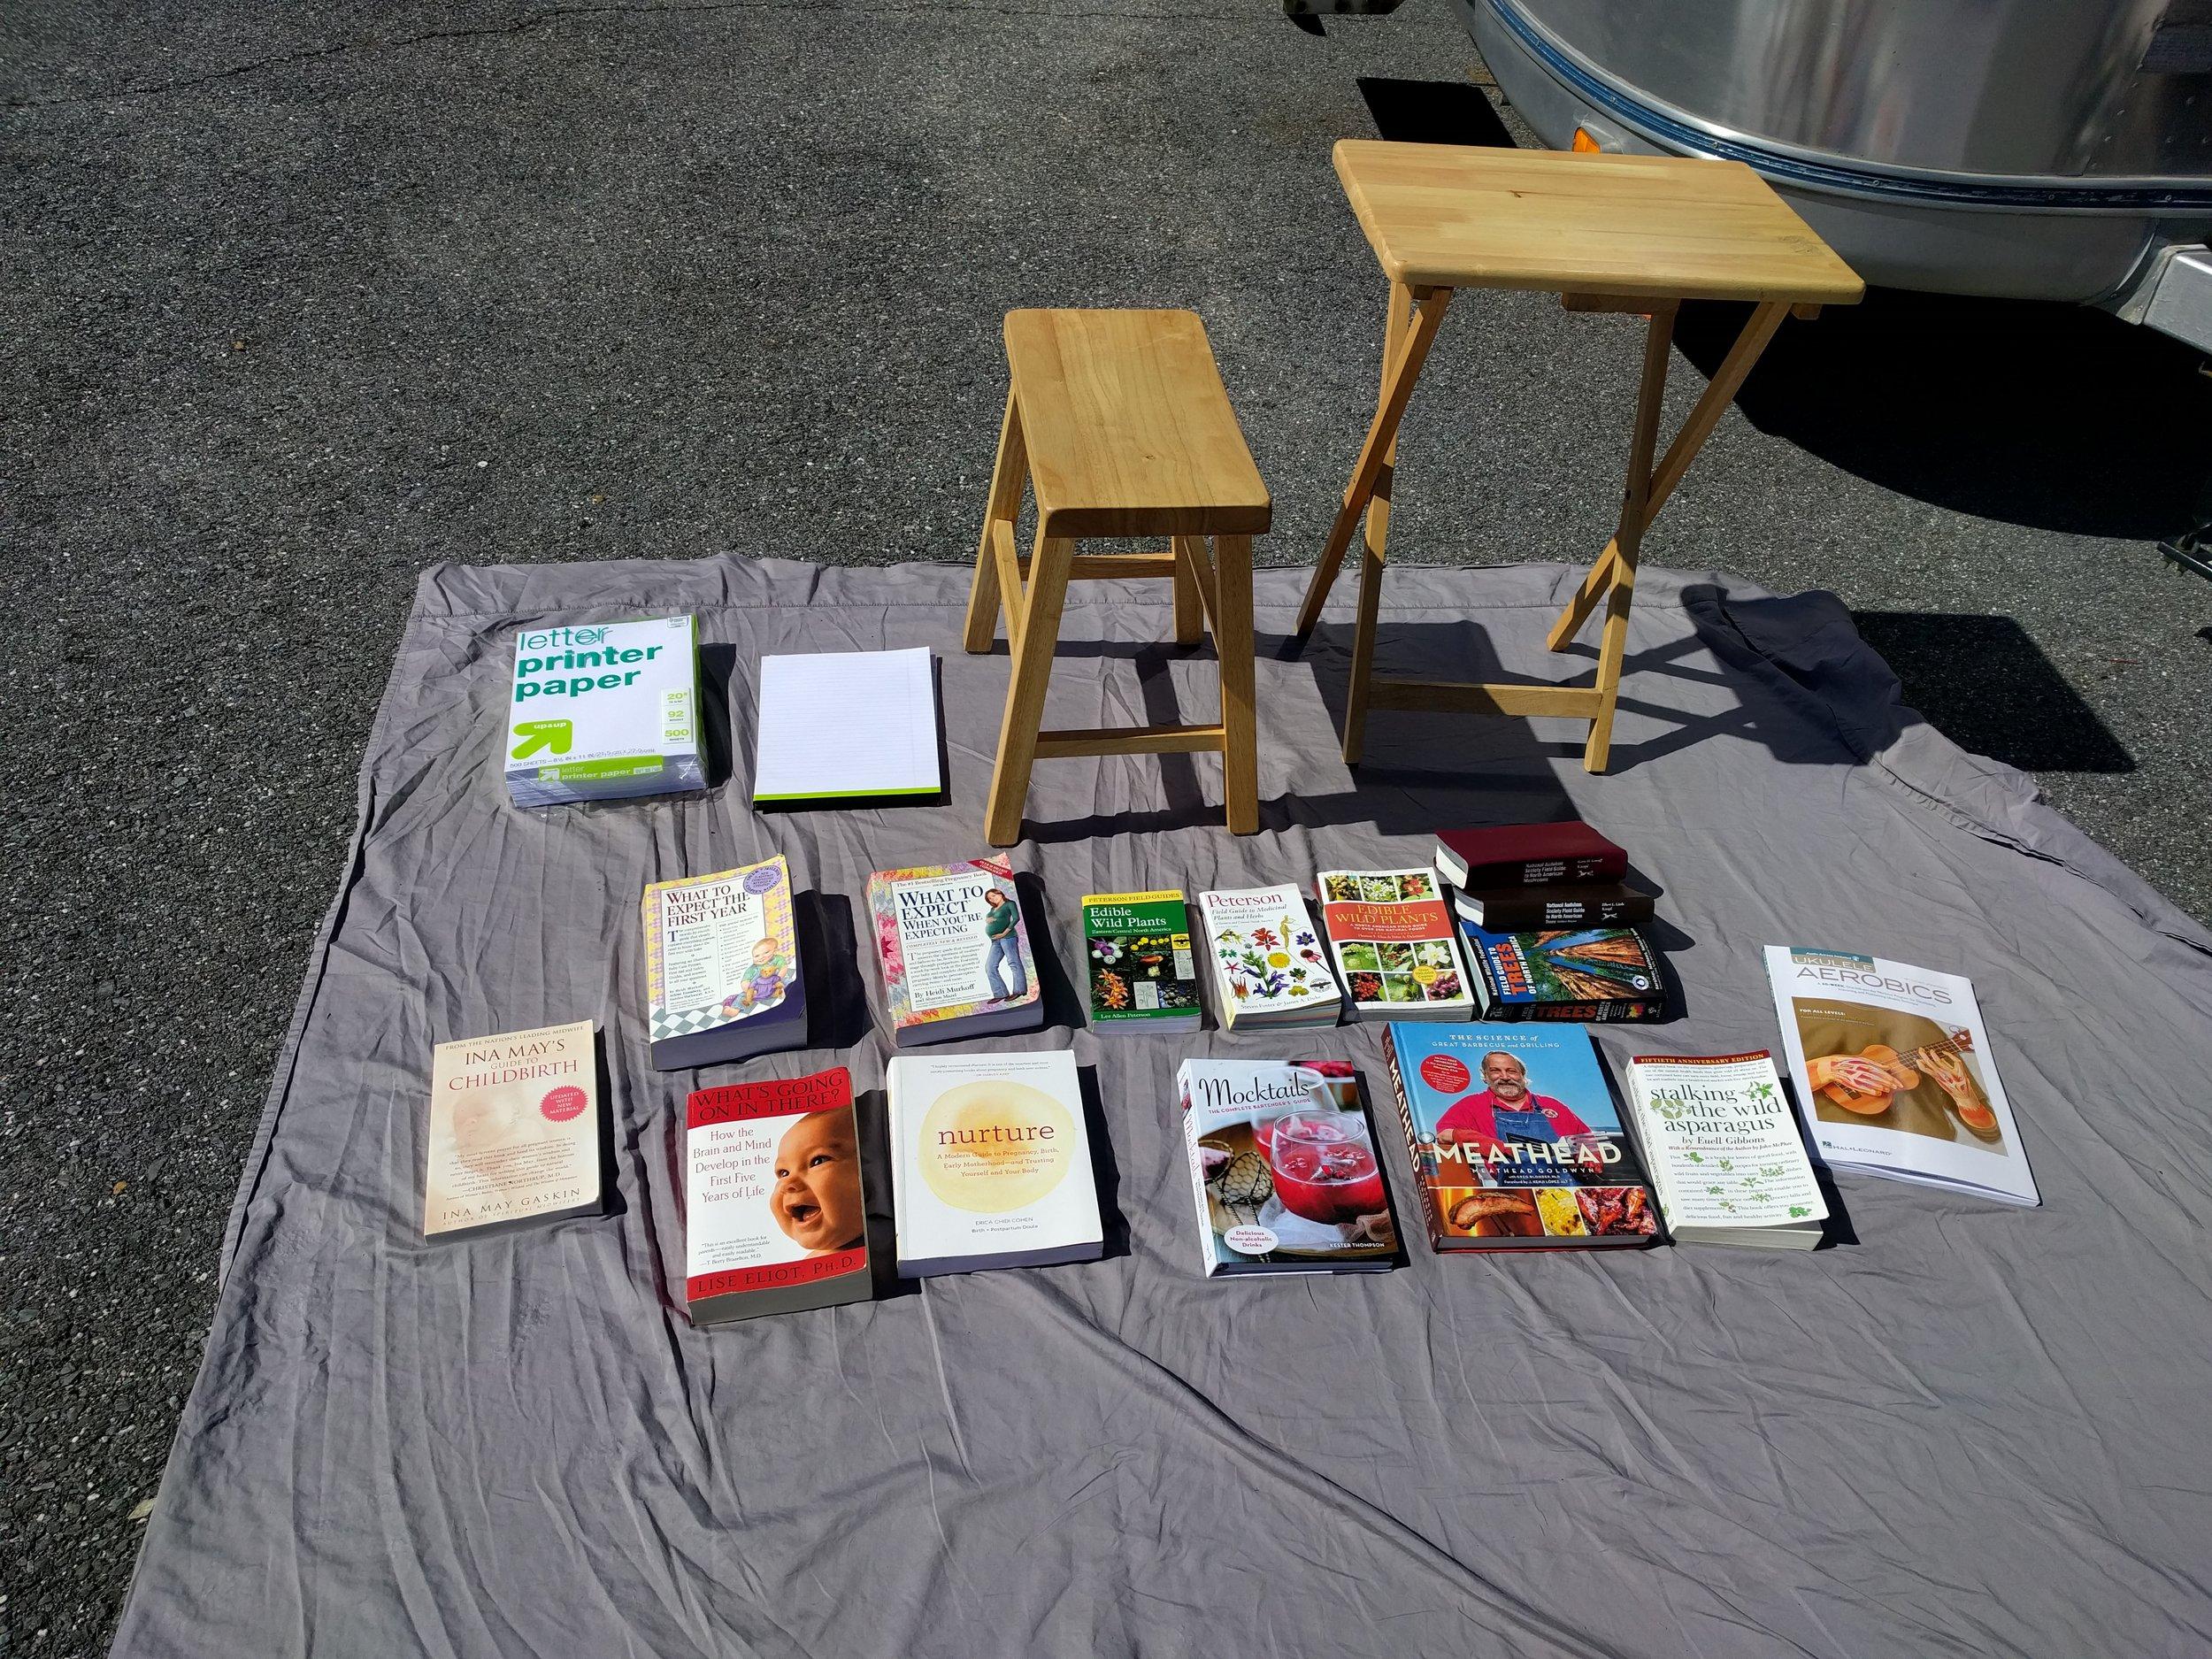 Books and Furniture.jpg